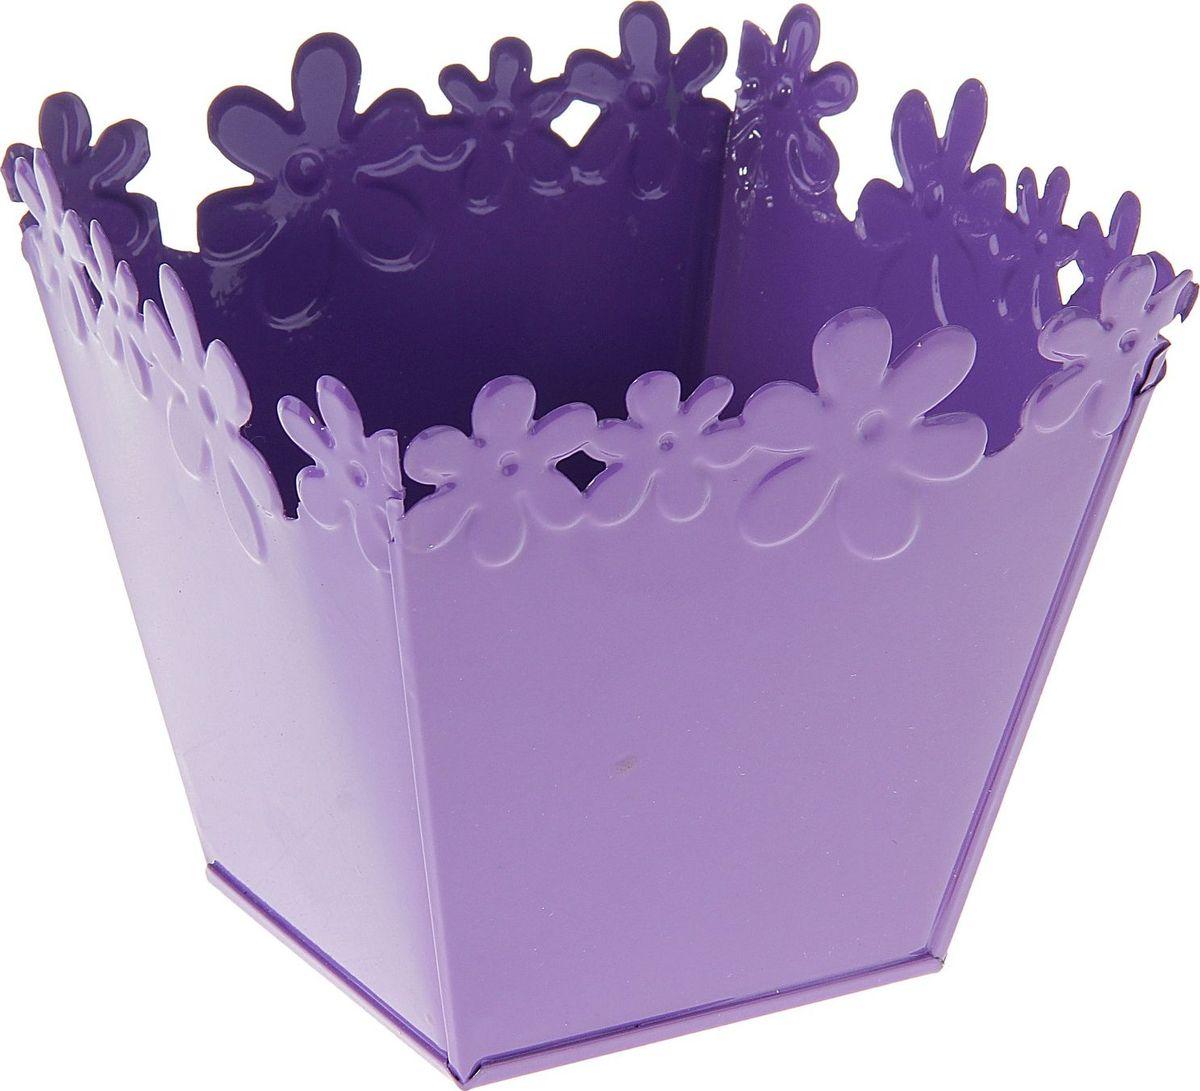 Кашпо Цветочный край. Квадрат, цвет: фиолетовый, 1 л139746Комнатные растения — всеобщие любимцы. Они радуют глаз, насыщают помещение кислородом и украшают пространство. Каждому из растений необходим свой удобный и красивый дом. Металлические декоративные вазы для горшков практичны и долговечны. #name# позаботится о зелёном питомце, освежит интерьер и подчеркнёт его стиль. Особенно выигрышно они смотрятся в экстерьере: на террасах и в беседках. При желании его всегда можно перекрасить в другой цвет.